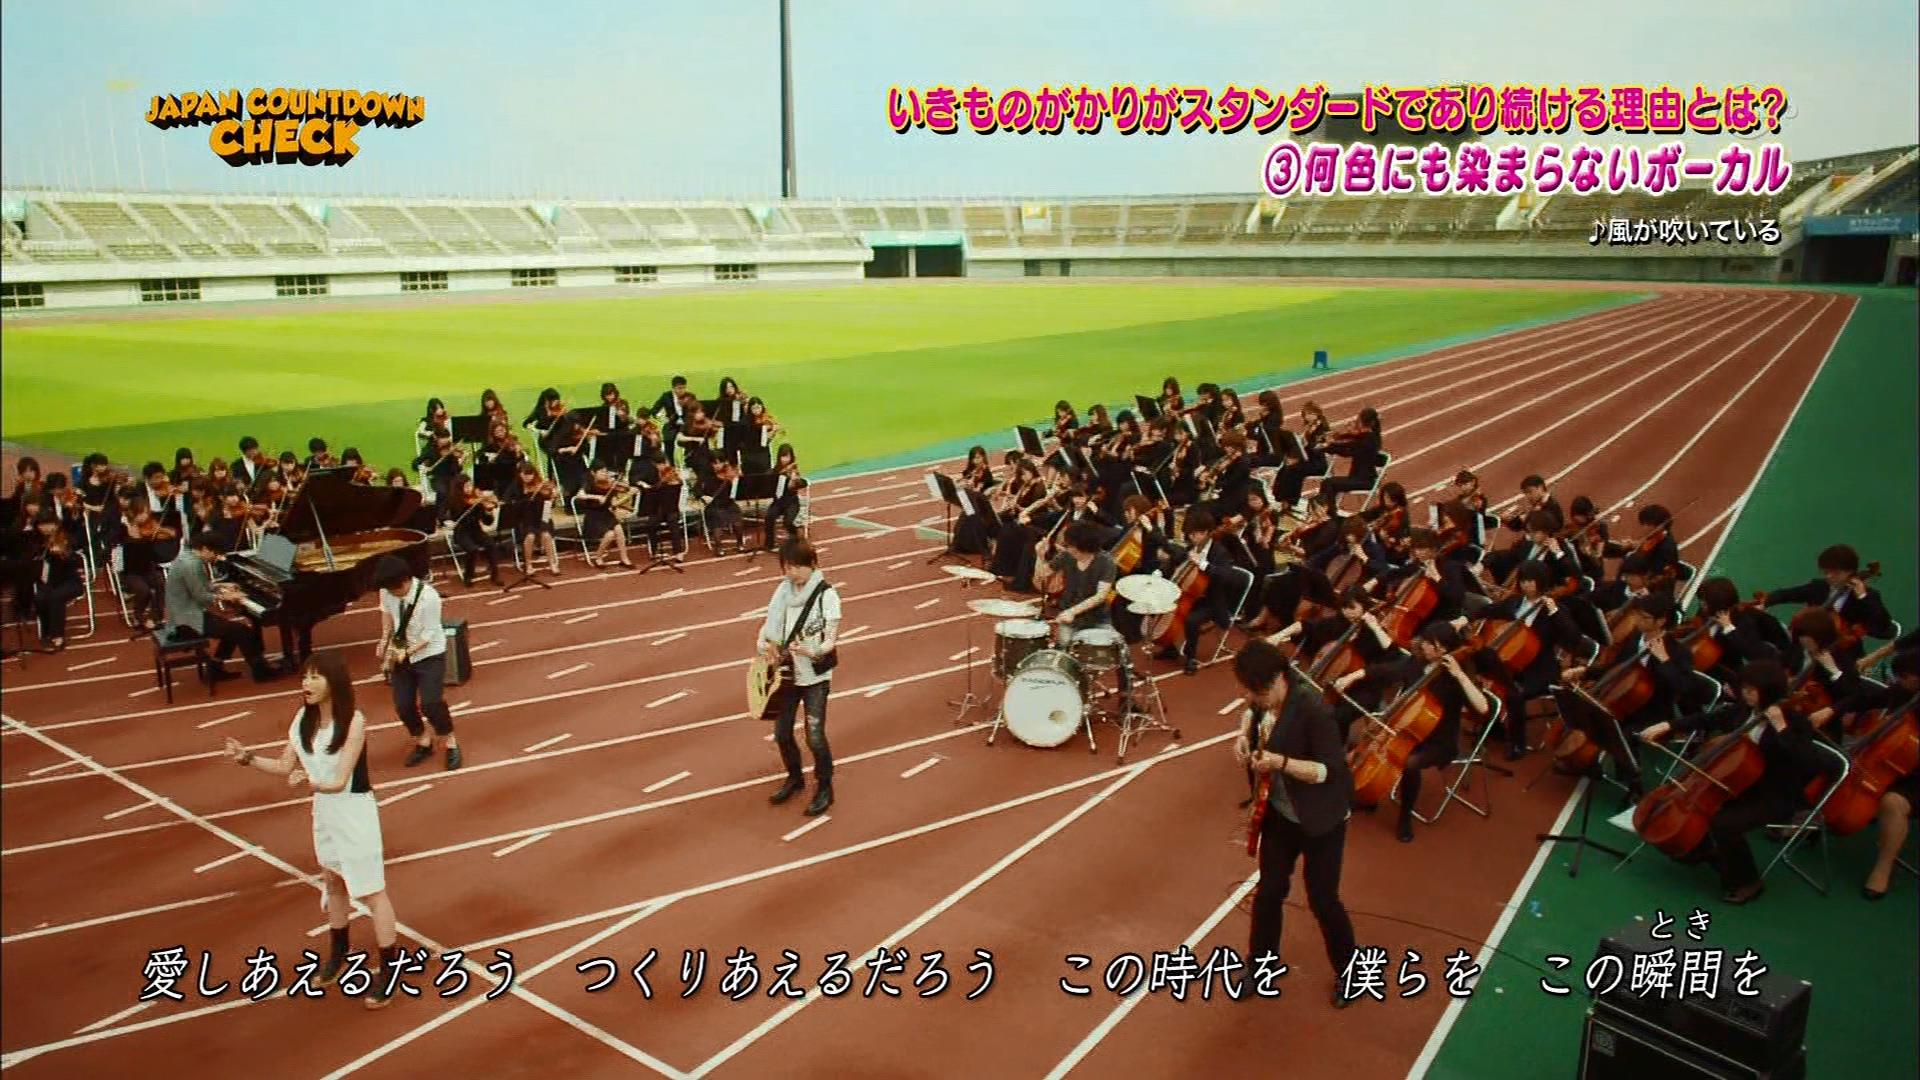 2016.03.20 いきものがかり - 10年たっても私たちはいきものがかりが大好き!日本のスタンダードであり続ける理由(JAPAN COUNTDOWN).ts_20160320_104405.339